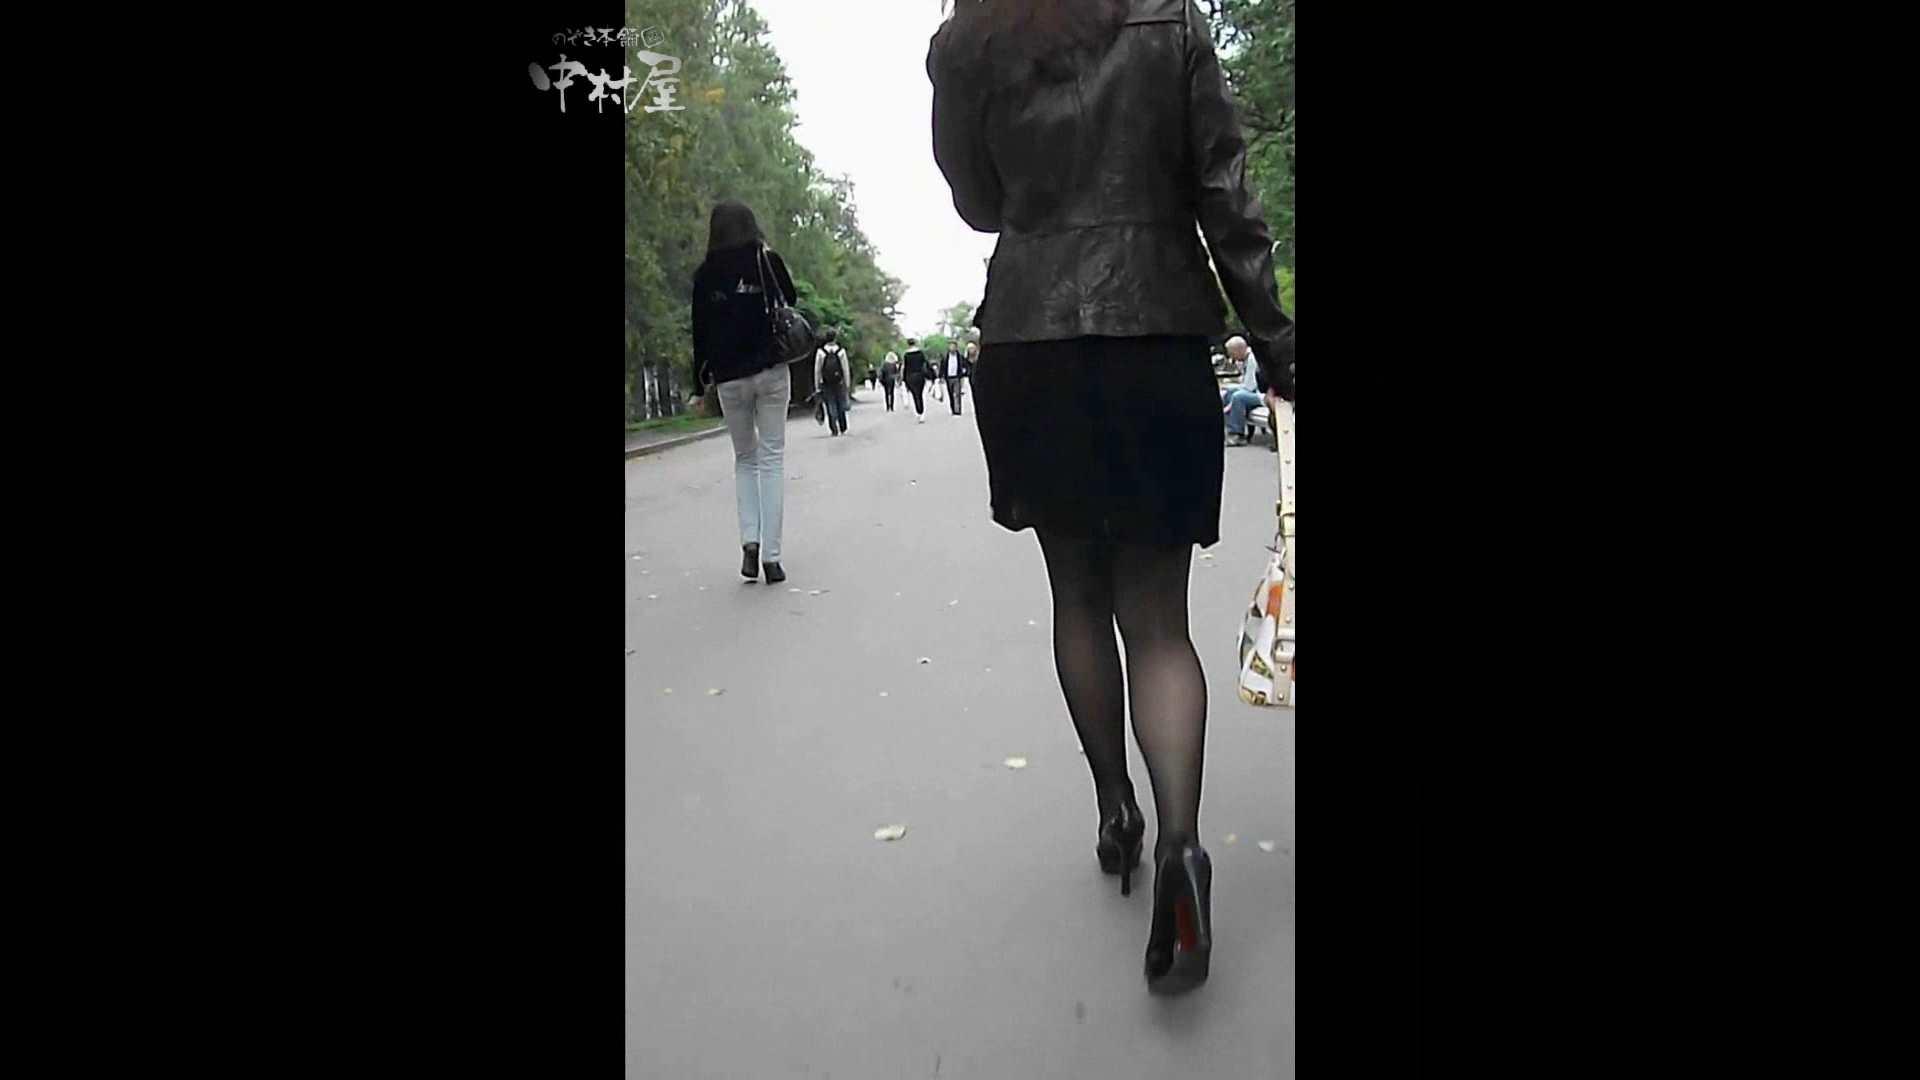 綺麗なモデルさんのスカート捲っちゃおう‼ vol14 モデルのエロ生活 ワレメ動画紹介 47連発 2